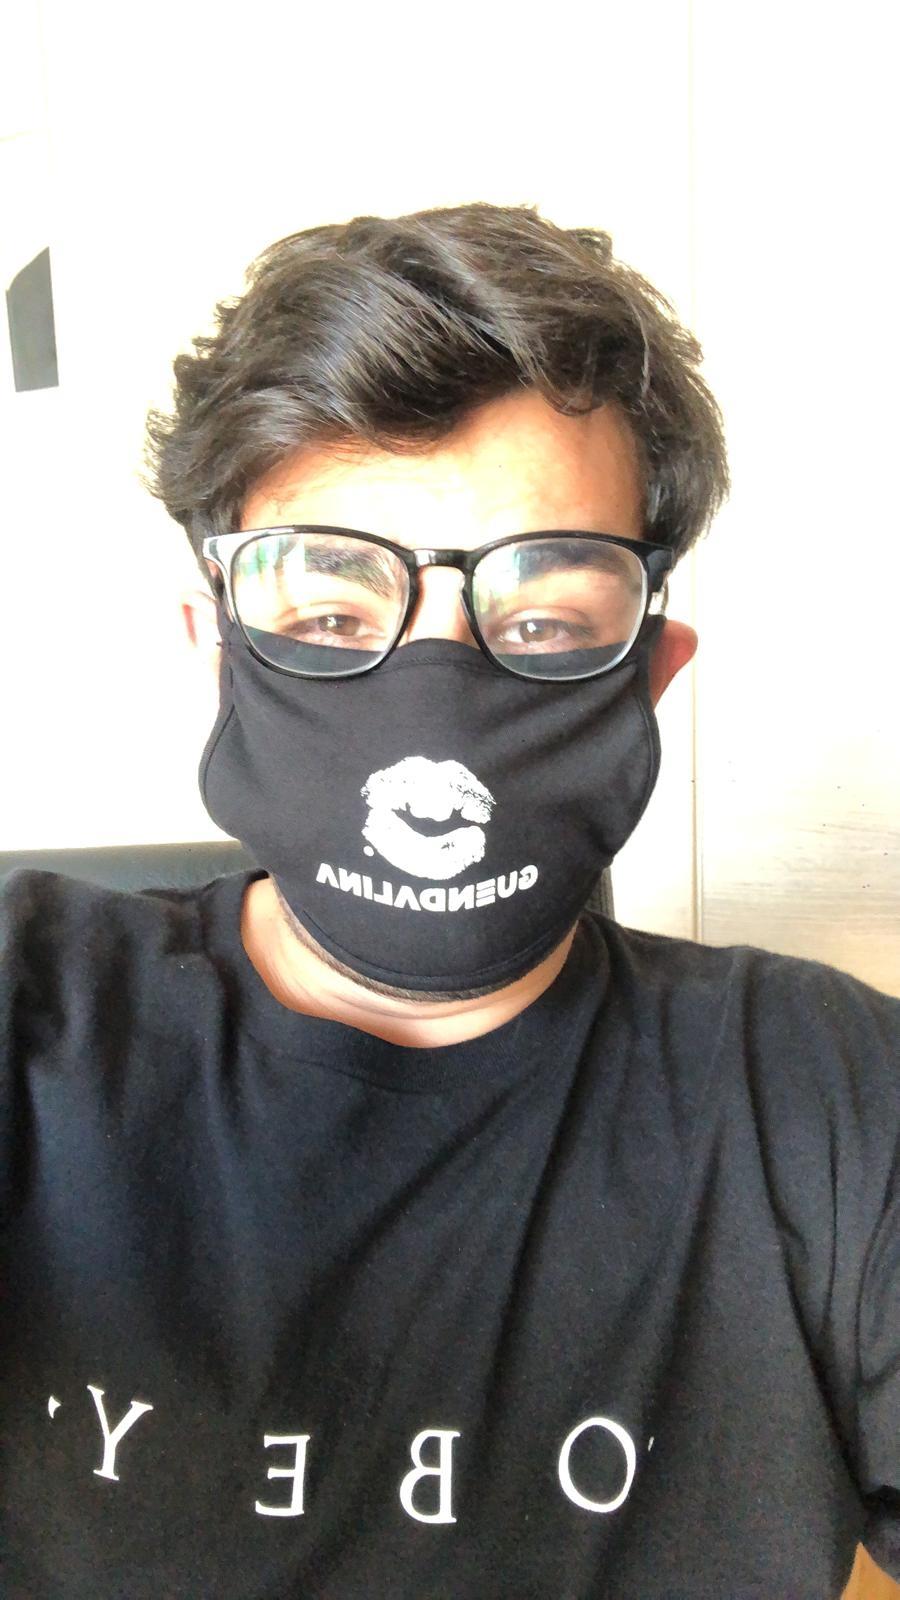 Guendalina Mask (1 pz)